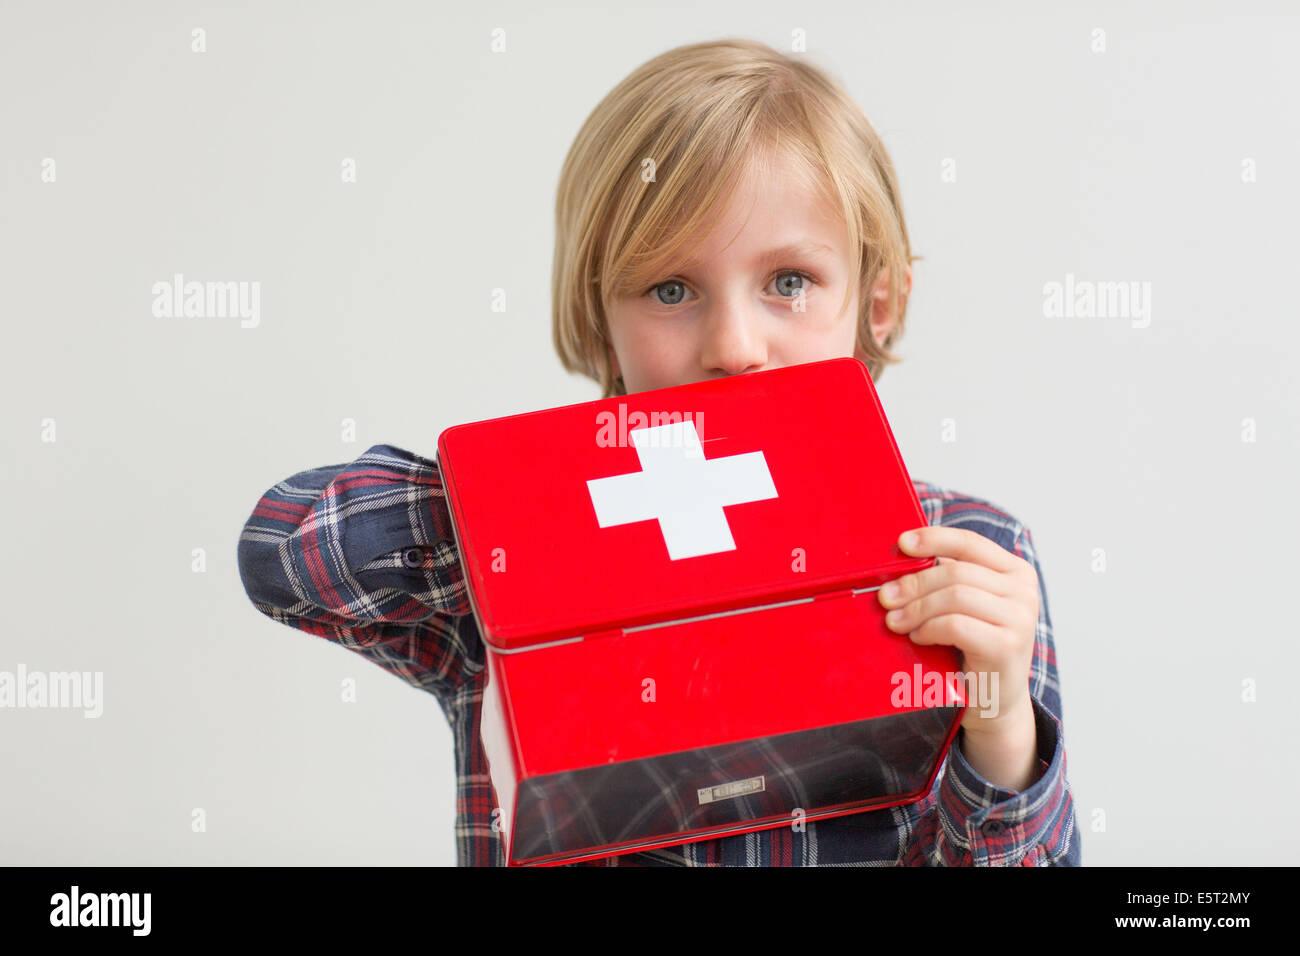 Niño de 7 años jugando con las drogas : peligro de intoxicación. Imagen De Stock